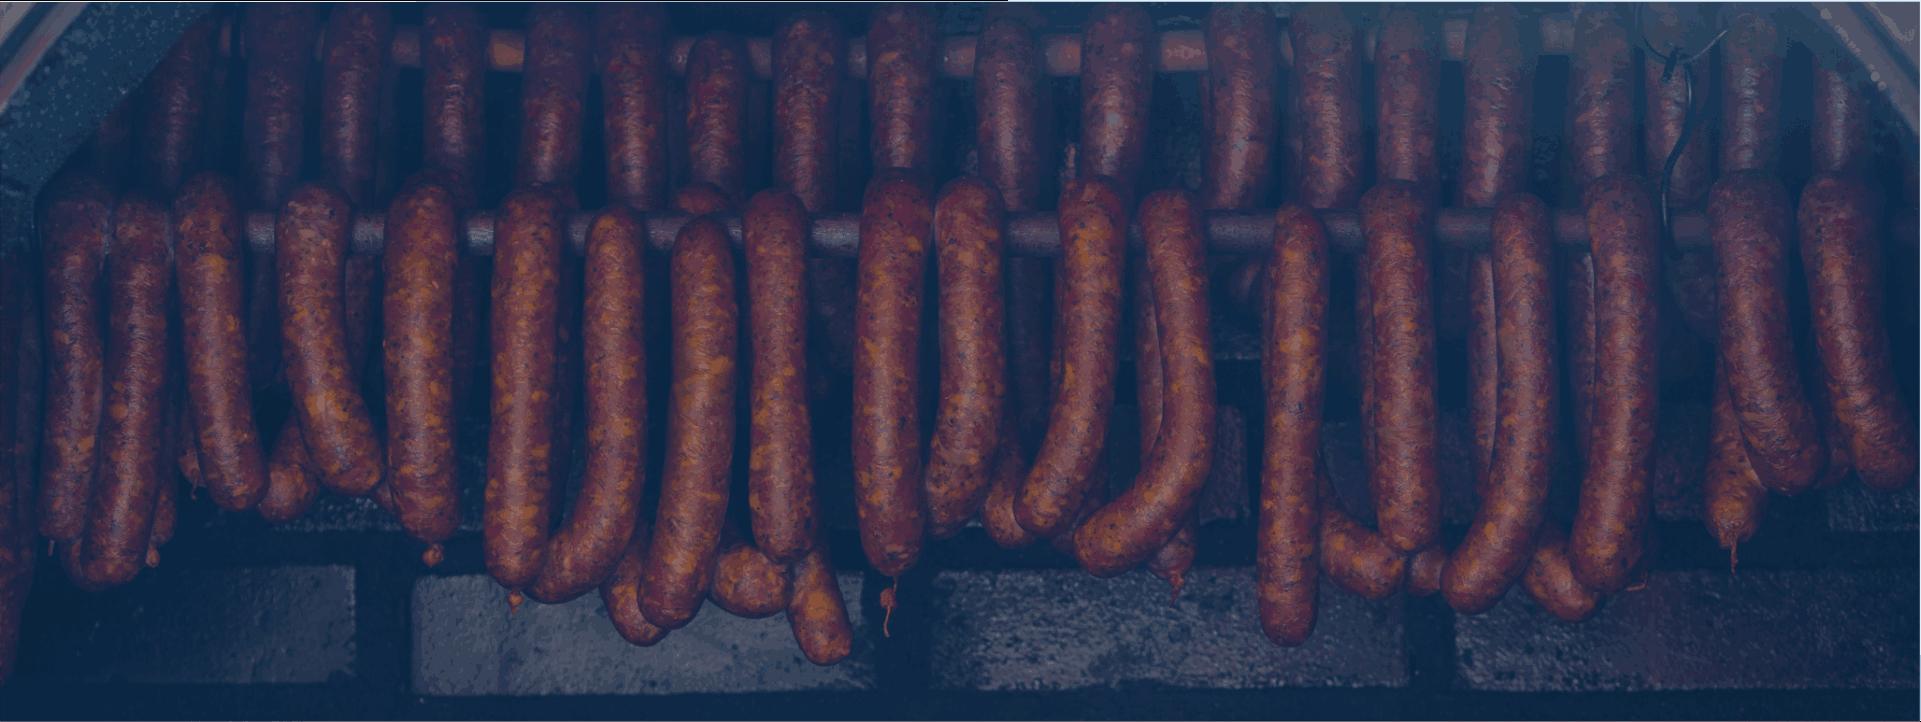 Emissionen aus Räuchereibetrieben bestehen aus fettigen, teerigen oder ölhaltigen Verbindungen, die zusätzlich stark geruchsbeladen sind.